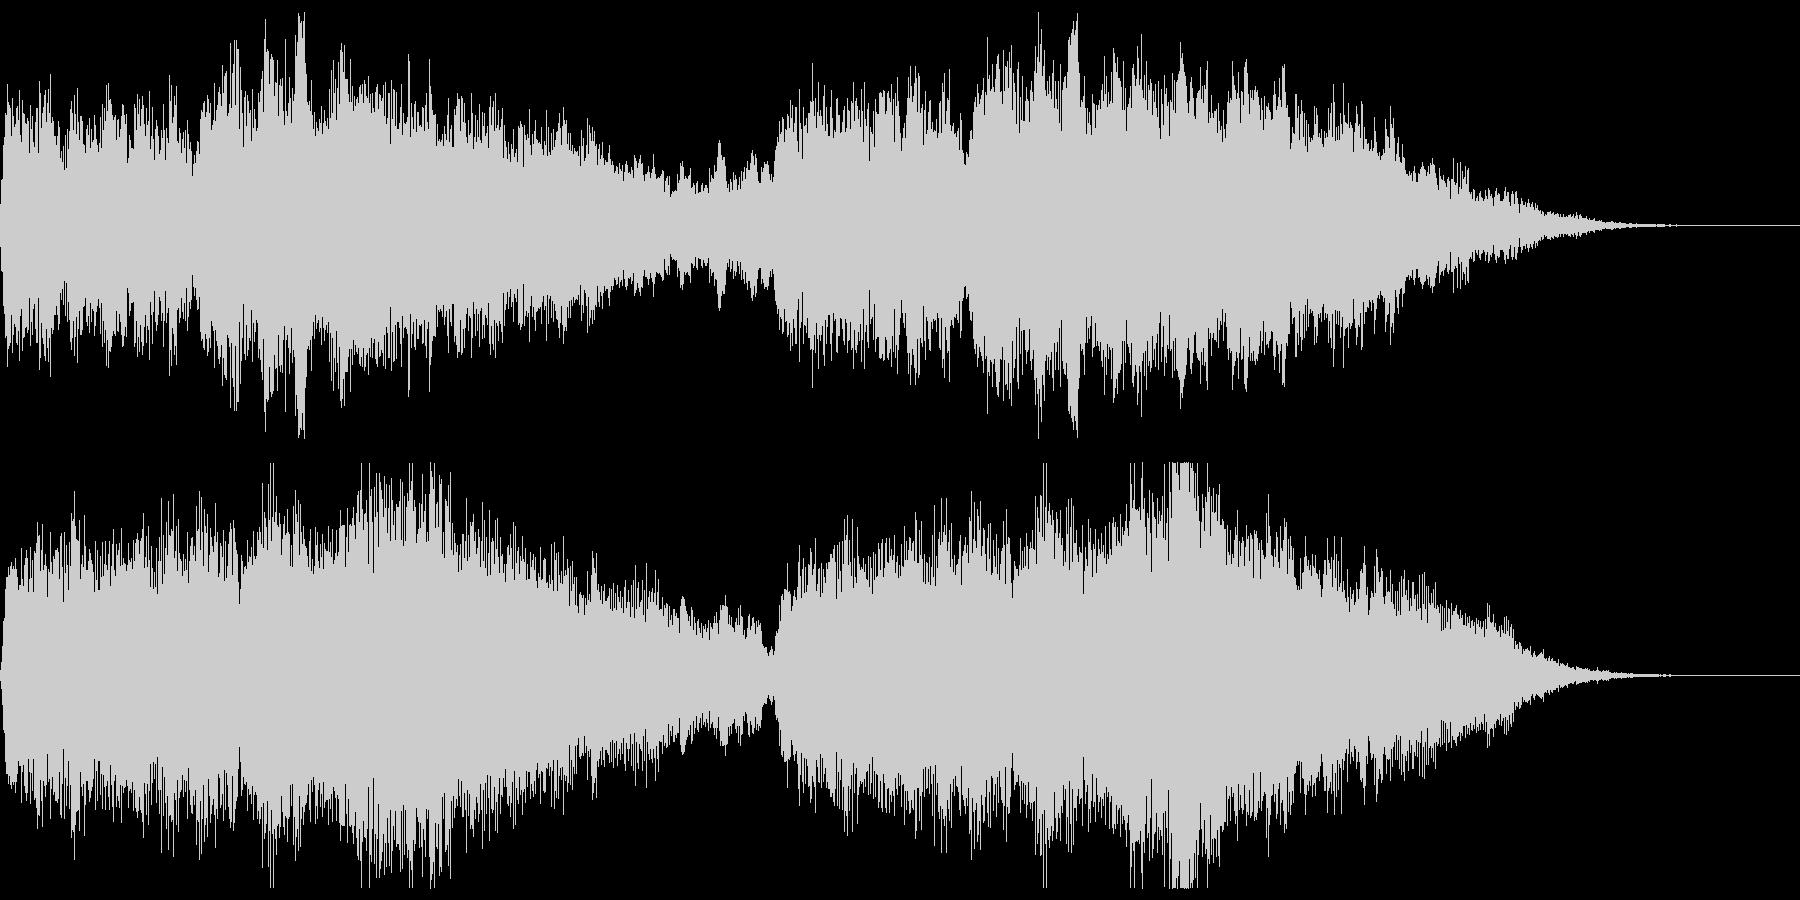 アクション映画風オーケストラジングルの未再生の波形